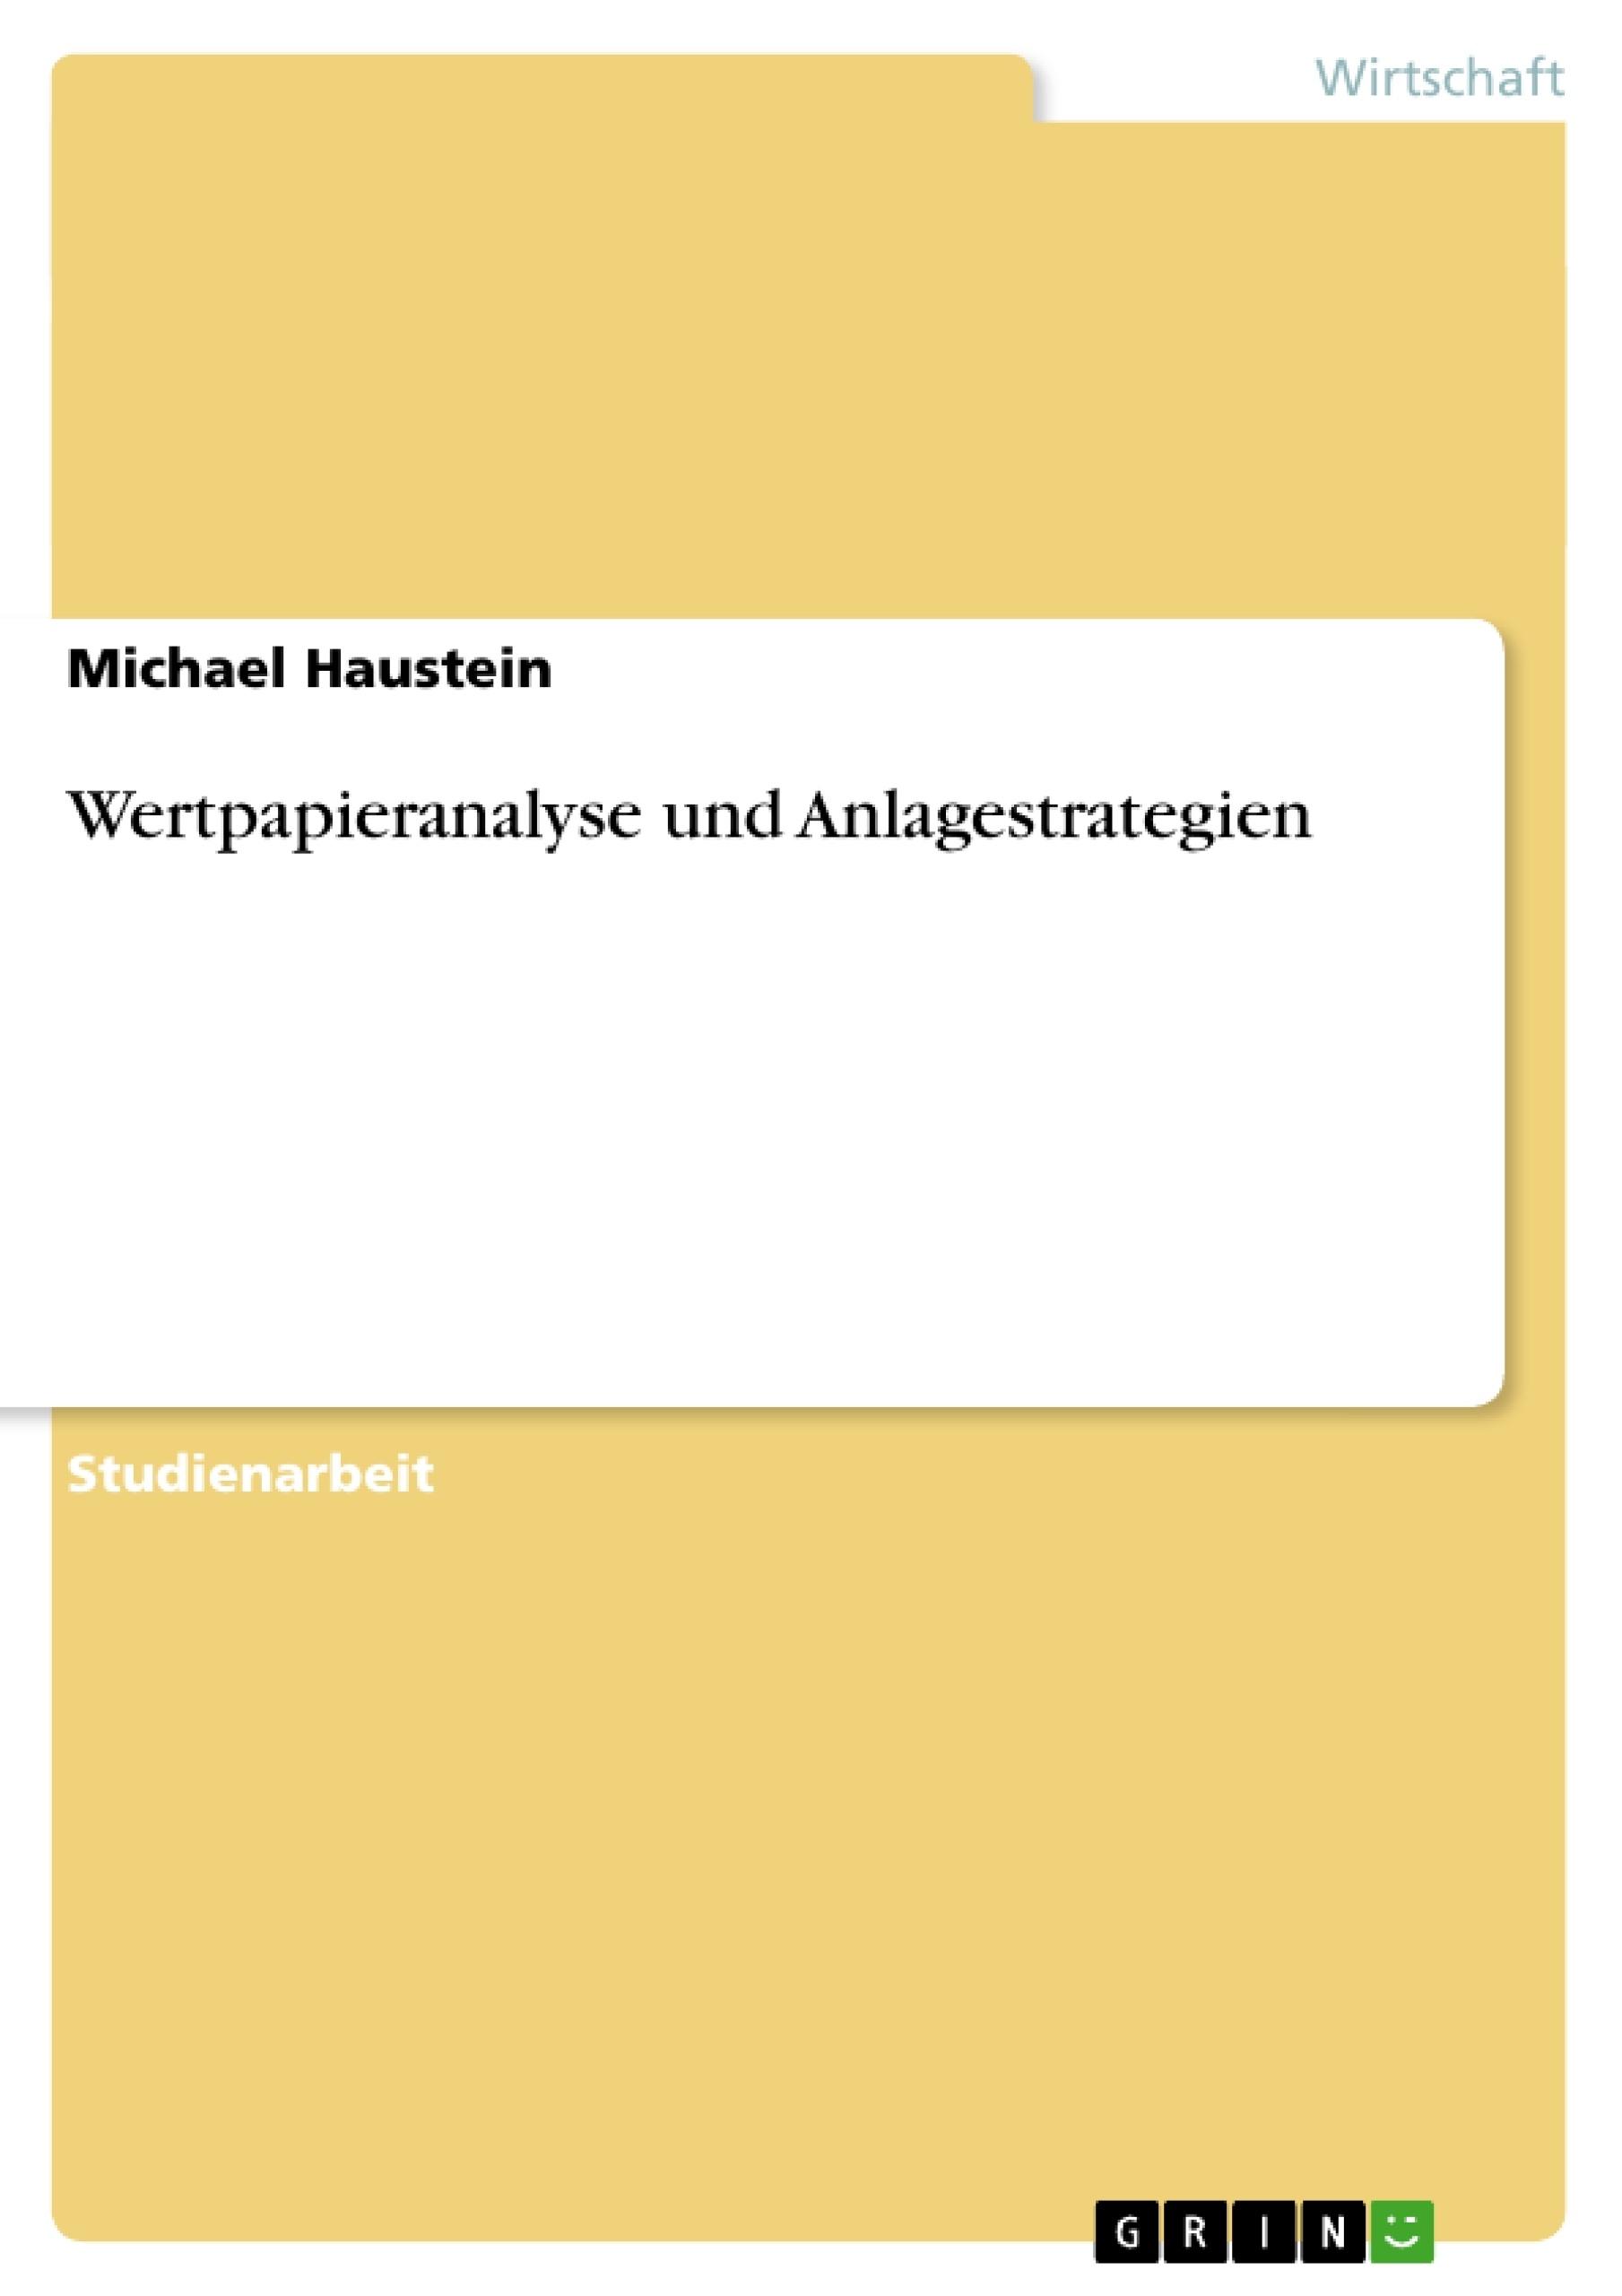 Titel: Wertpapieranalyse und Anlagestrategien